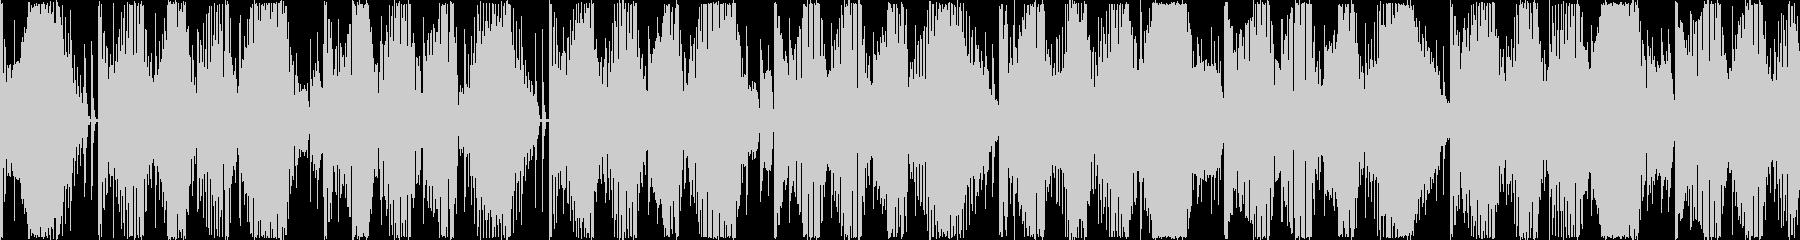 Futurebassサウンドロゴジングルの未再生の波形